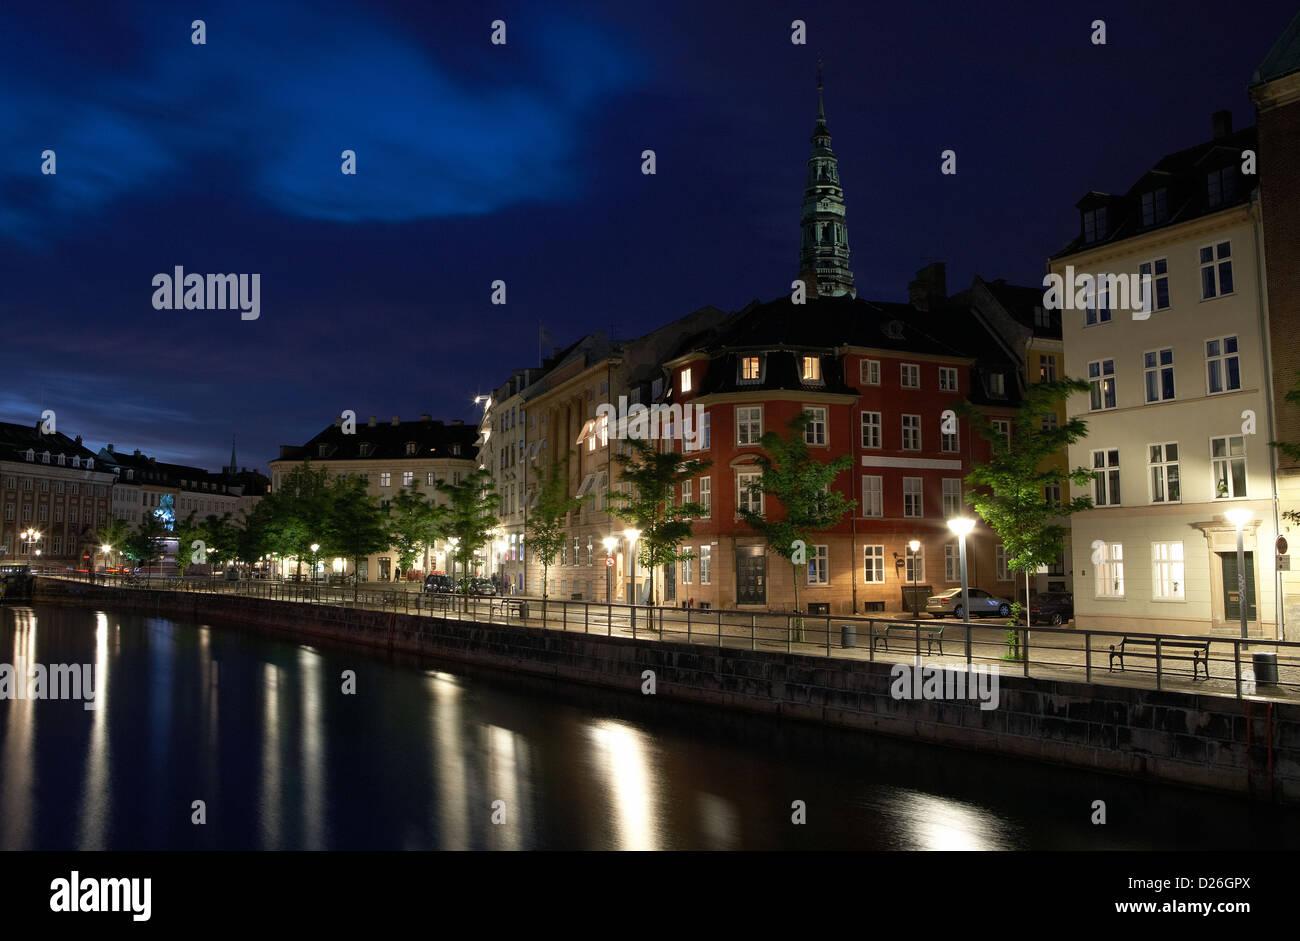 Copenhagen, Denmark, Evening at Frederiksholms Kanal - Stock Image